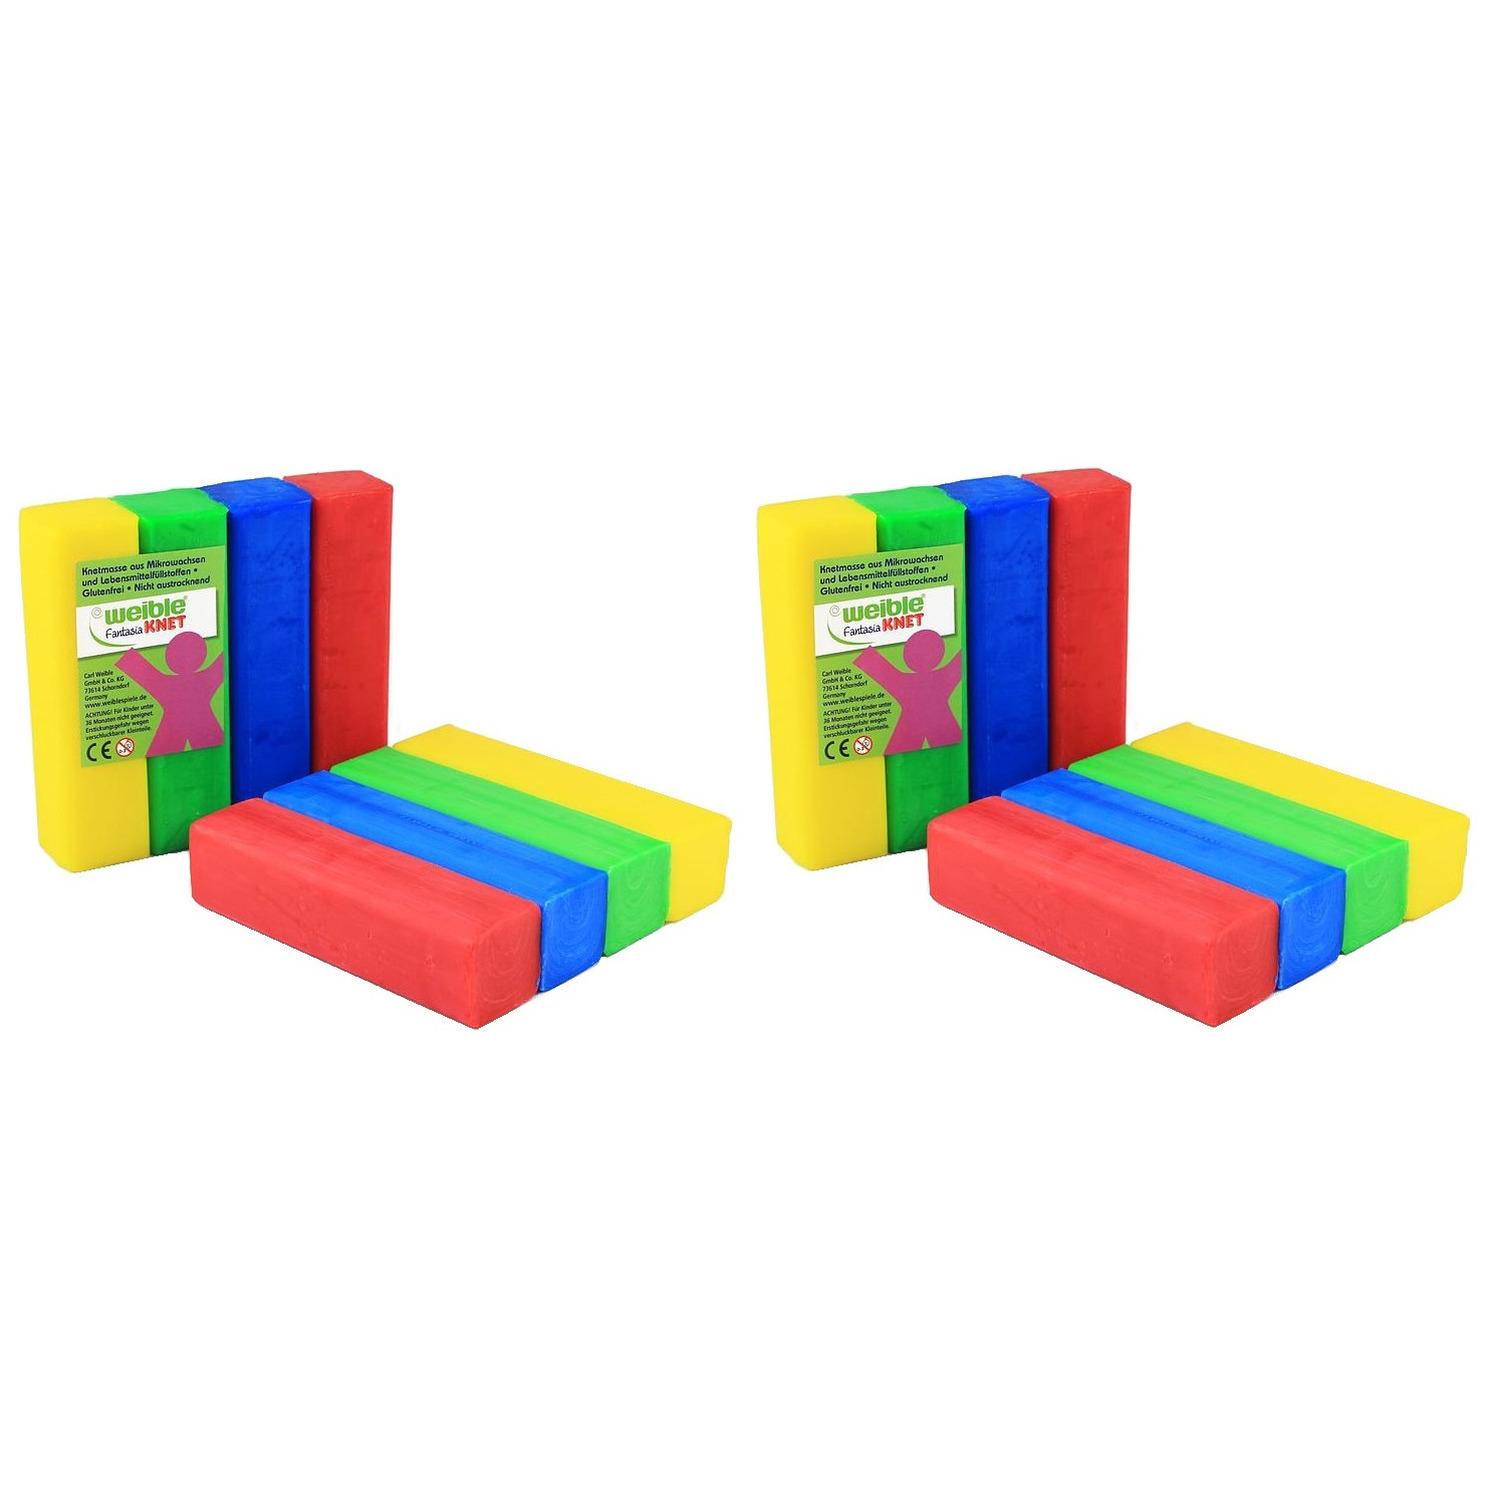 16x gekleurde fantasie klei blokken 100 gram creatief speelgoed voor kinderen